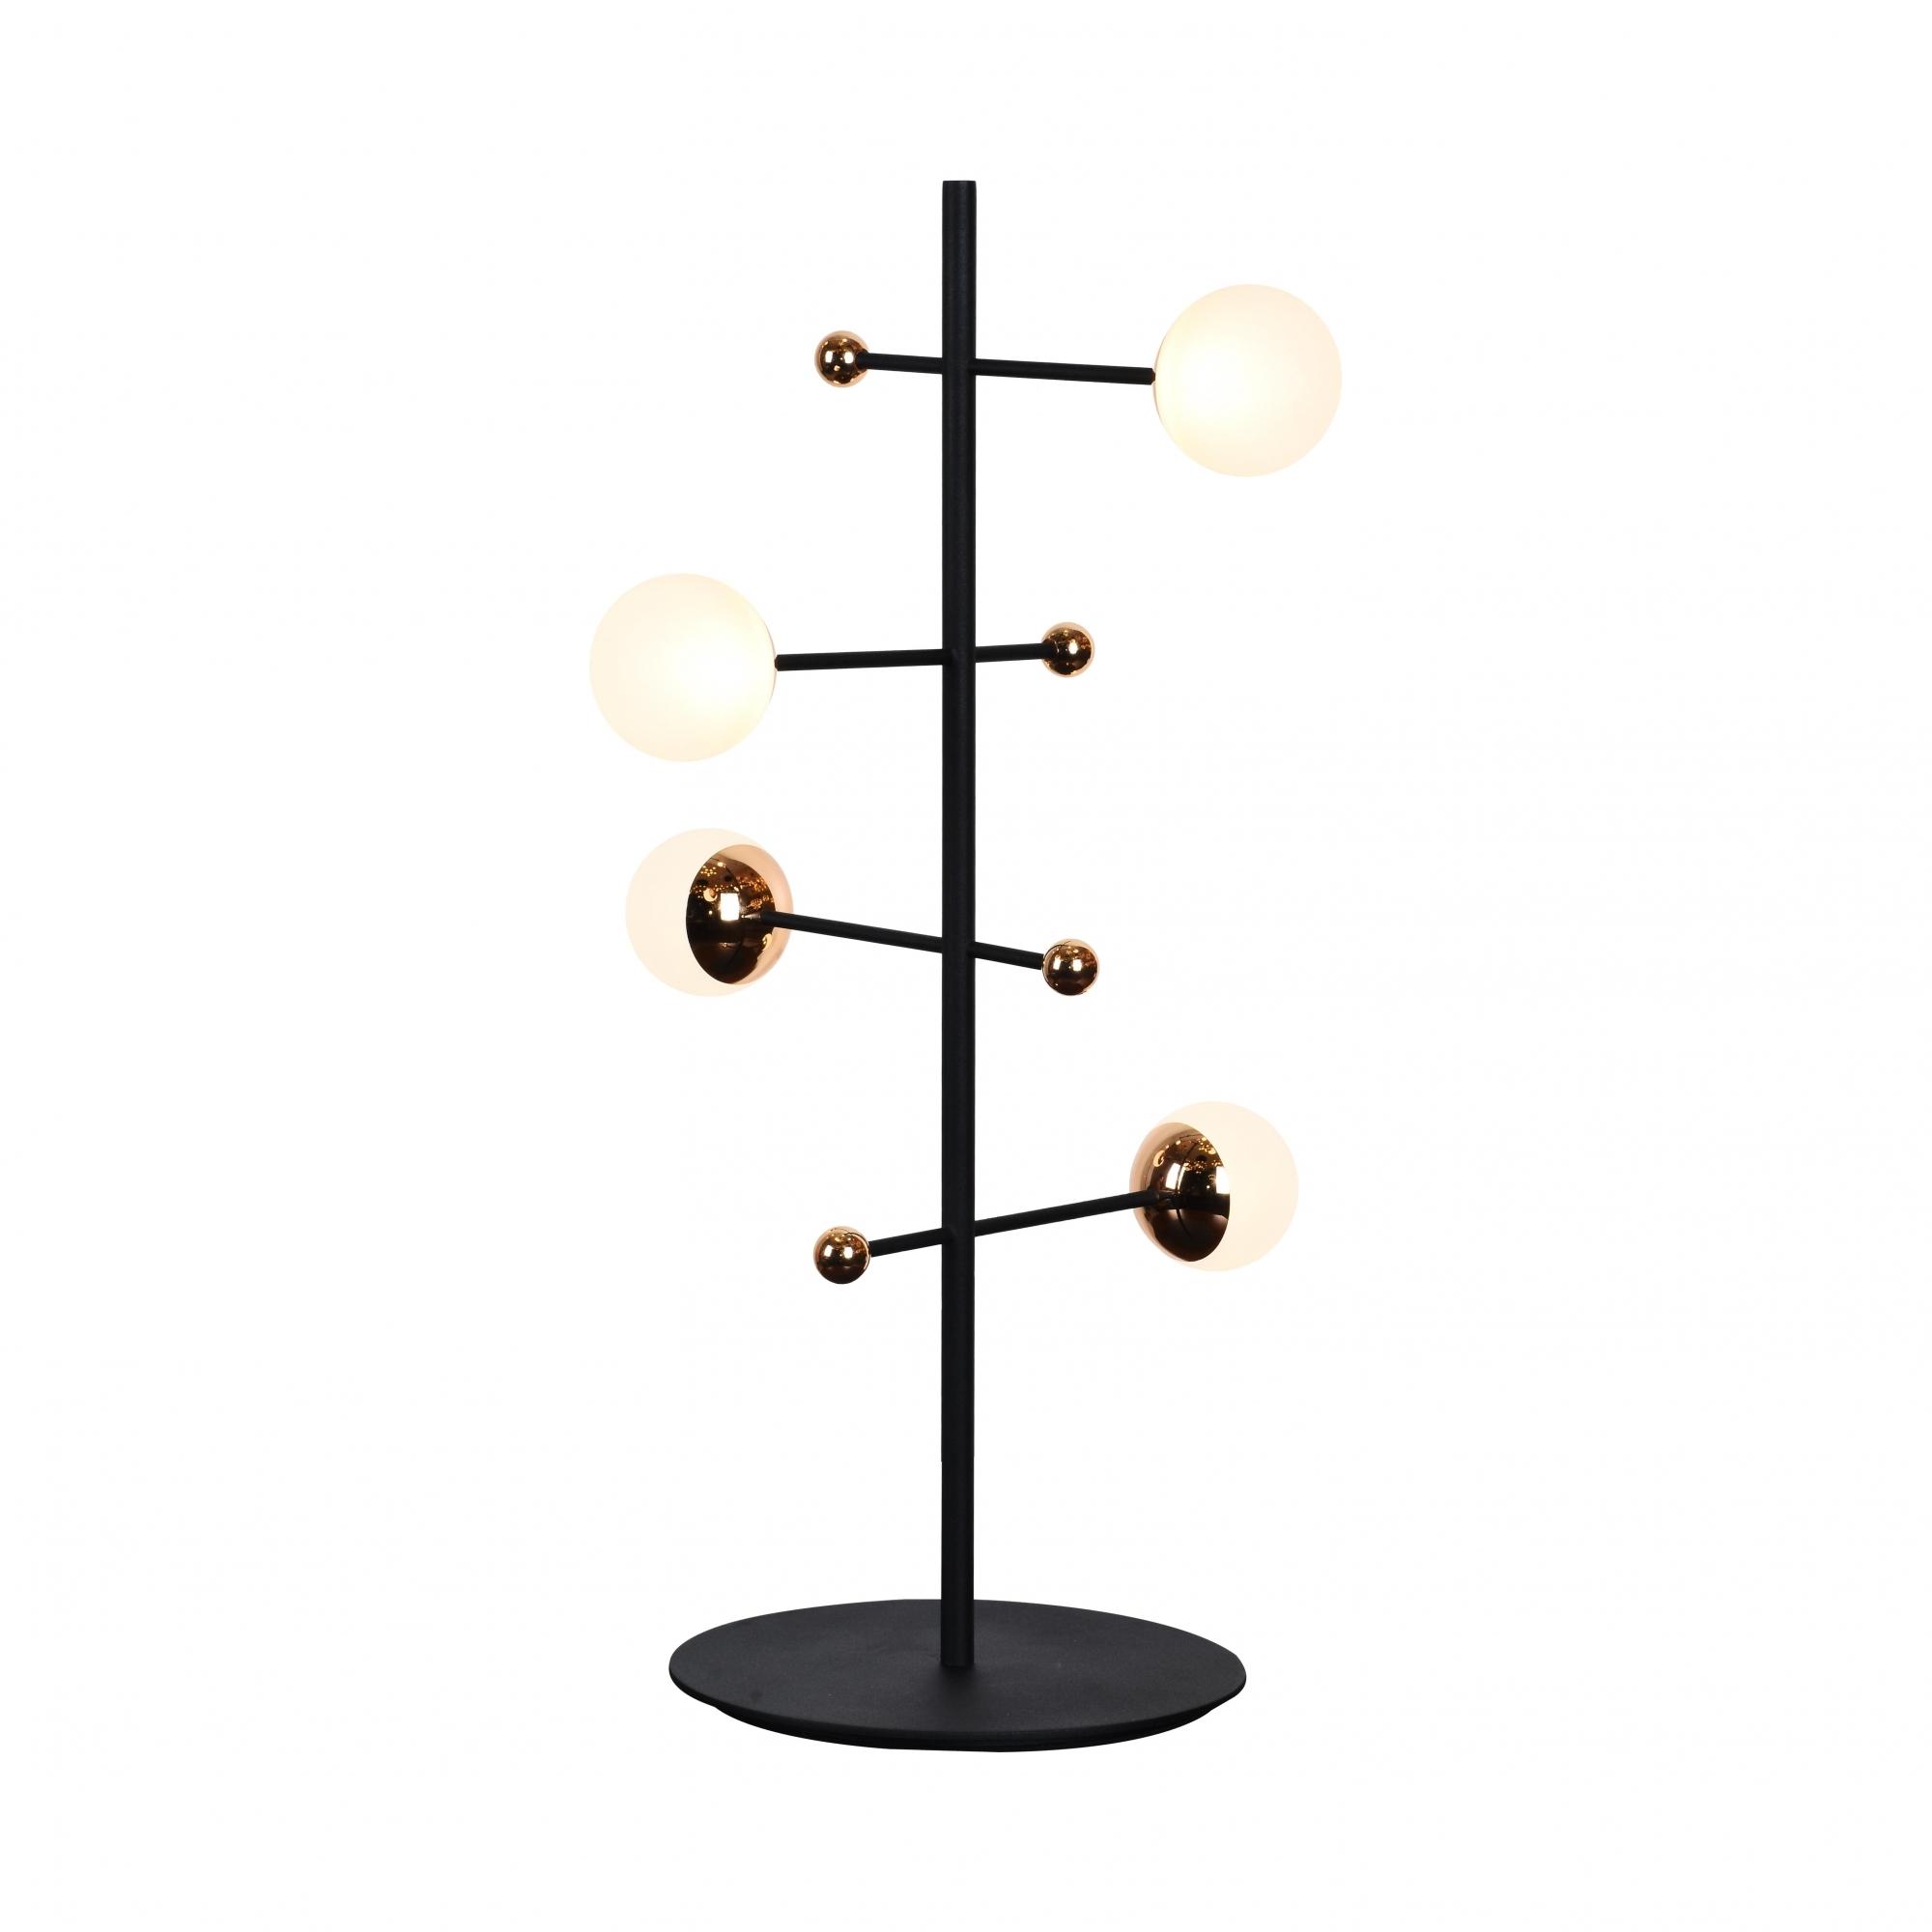 Abajur Fuxico Preto e Dourado 28x52cm 4xLed 12W Bivolt Bella Iluminação JU004